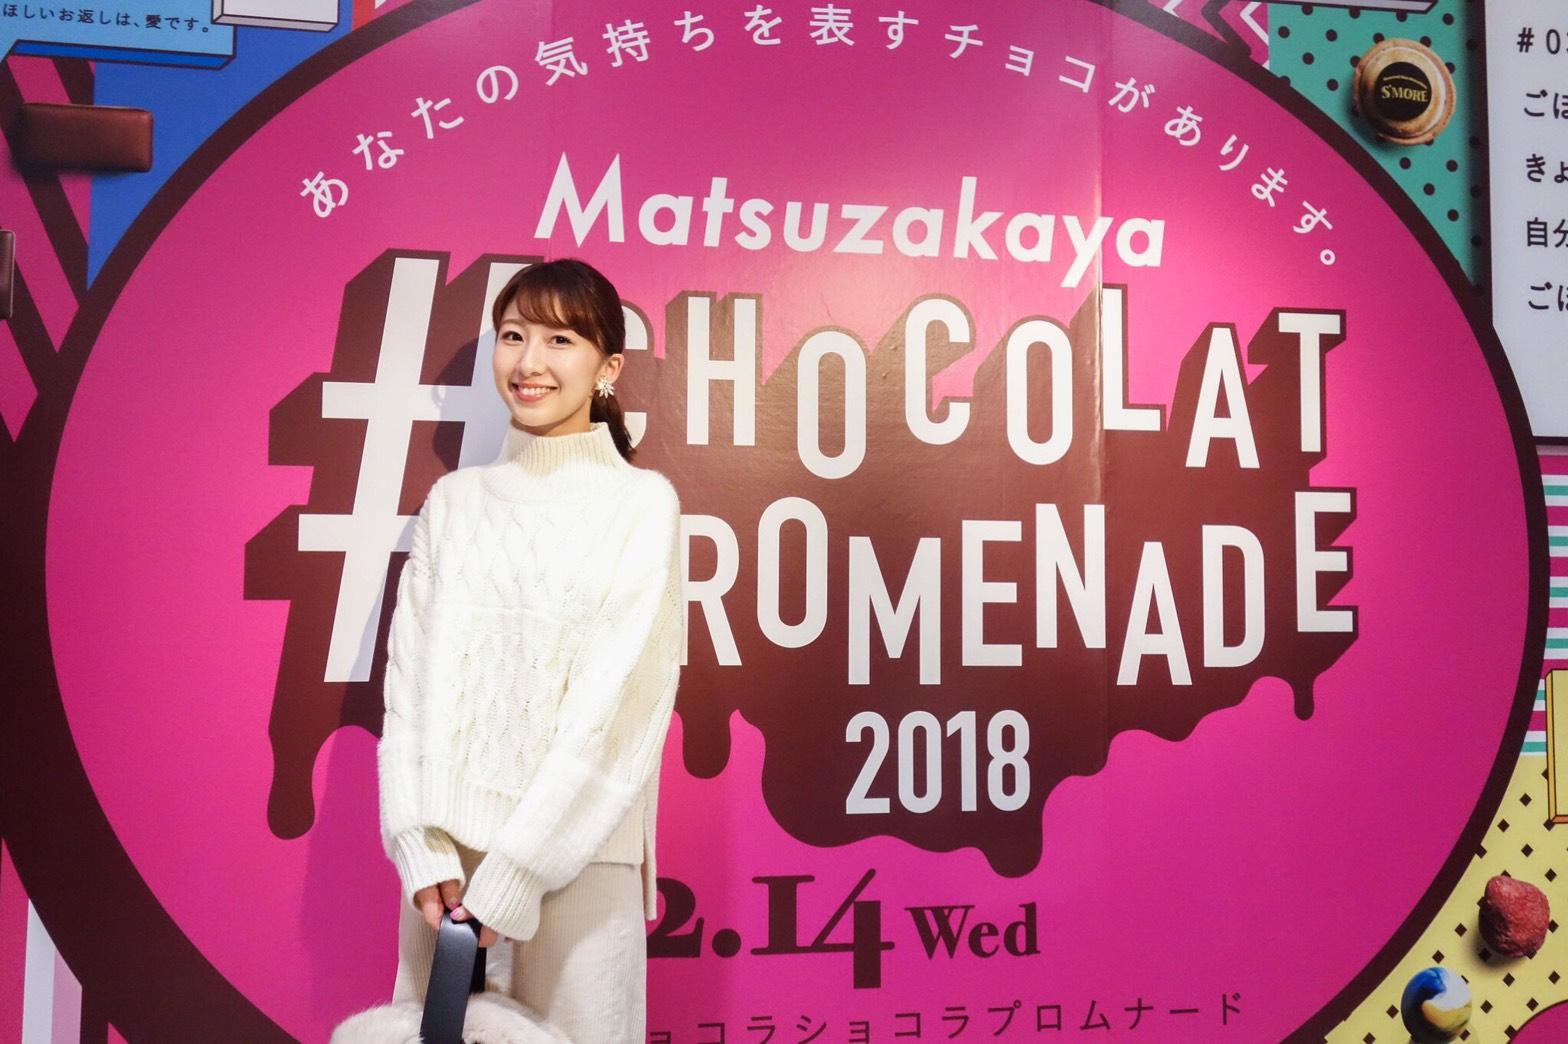 松坂屋の大人気バレンタインイベント「ショコラプロムナード」